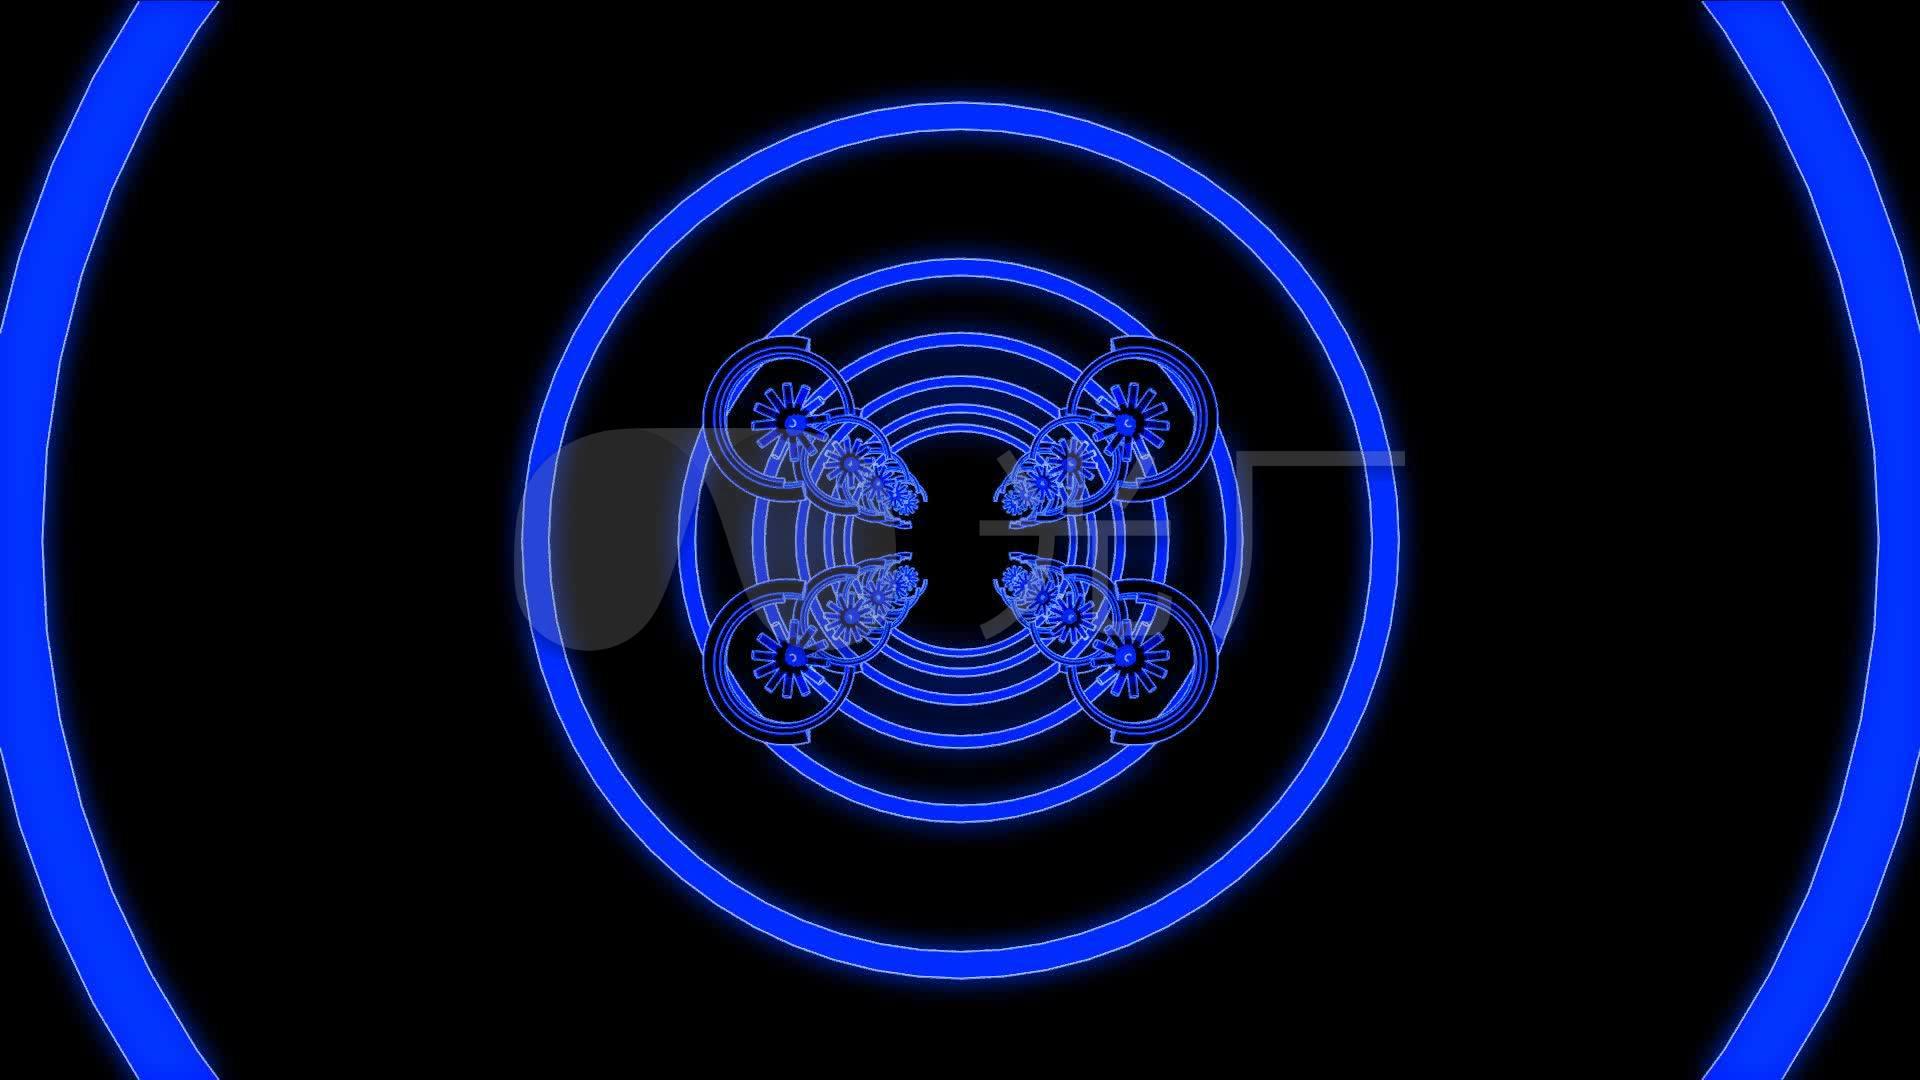 3d蓝色圆圈放射节奏穿梭酒吧素材